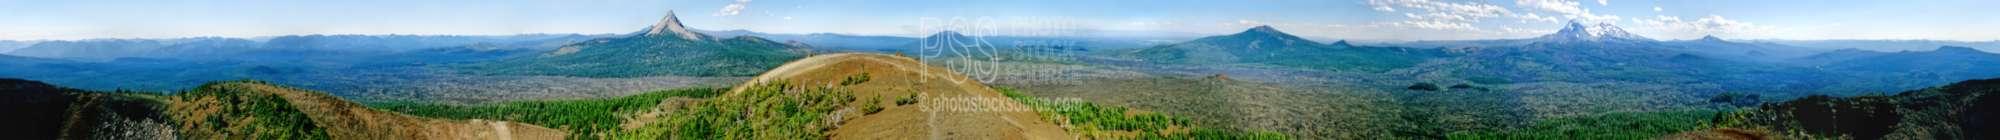 From Belknap Crater